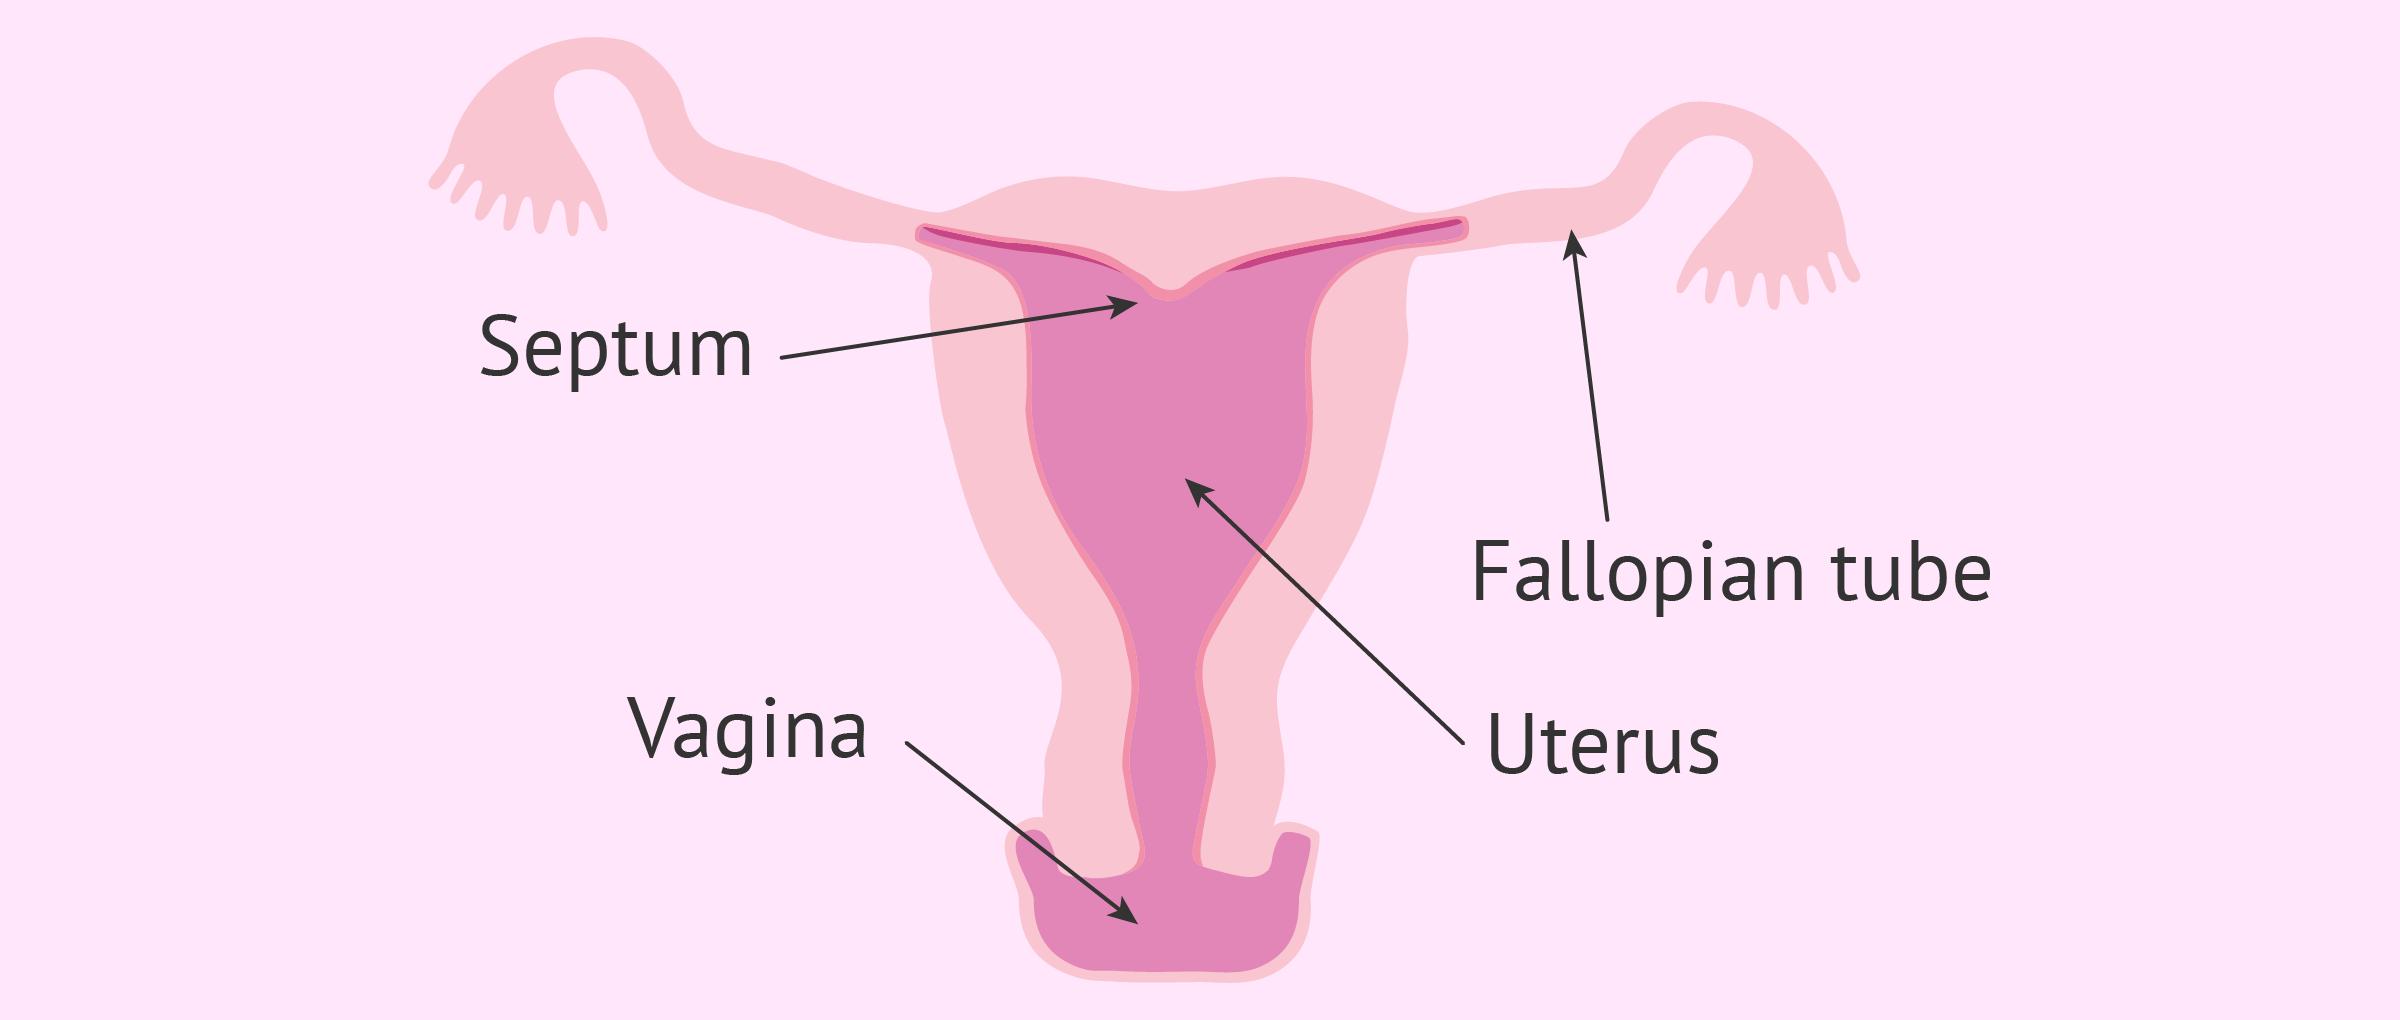 Arcuate uterus diagram